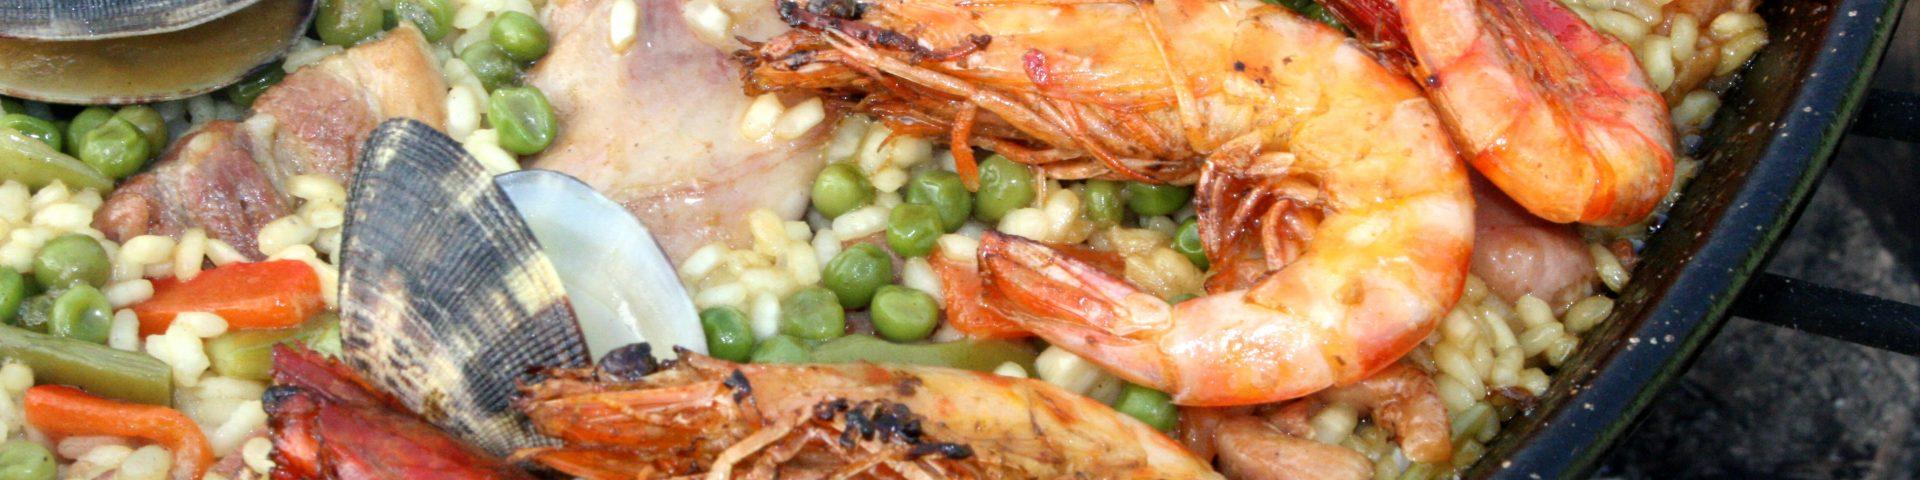 paella 1168008 1920x480 - Wokół stołu - jak to ugryźć - raki, owoce morza, kawior